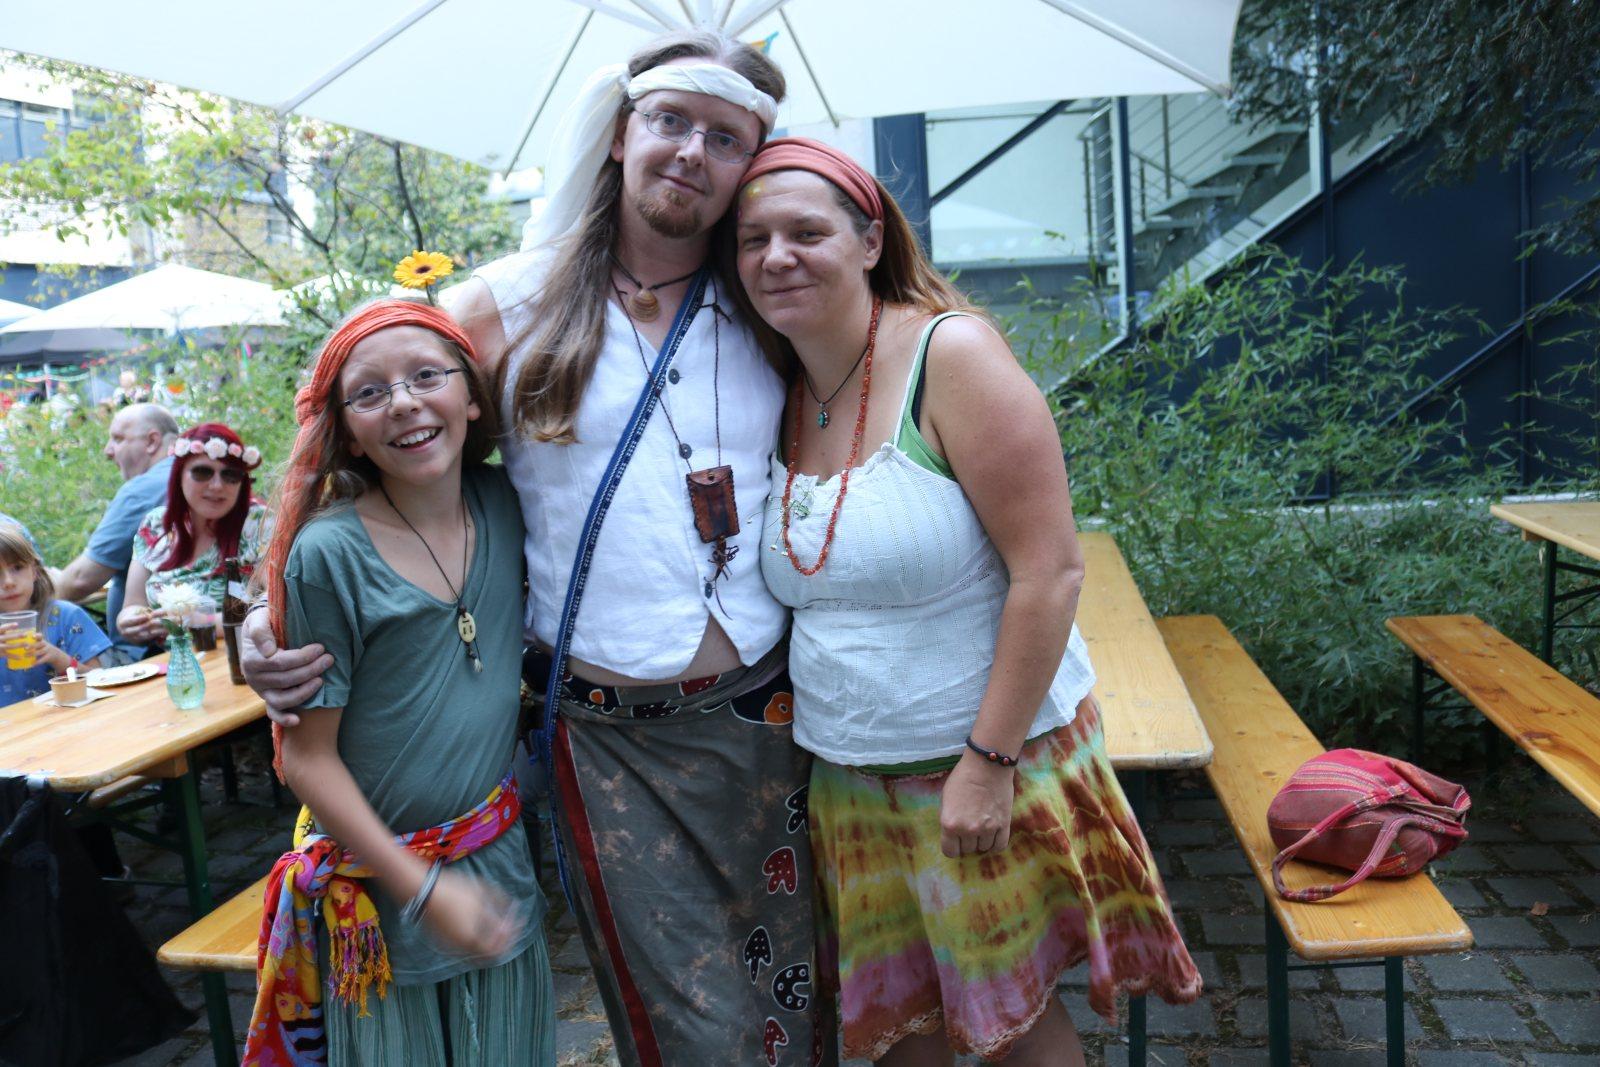 BumTAStisches Sommerfest